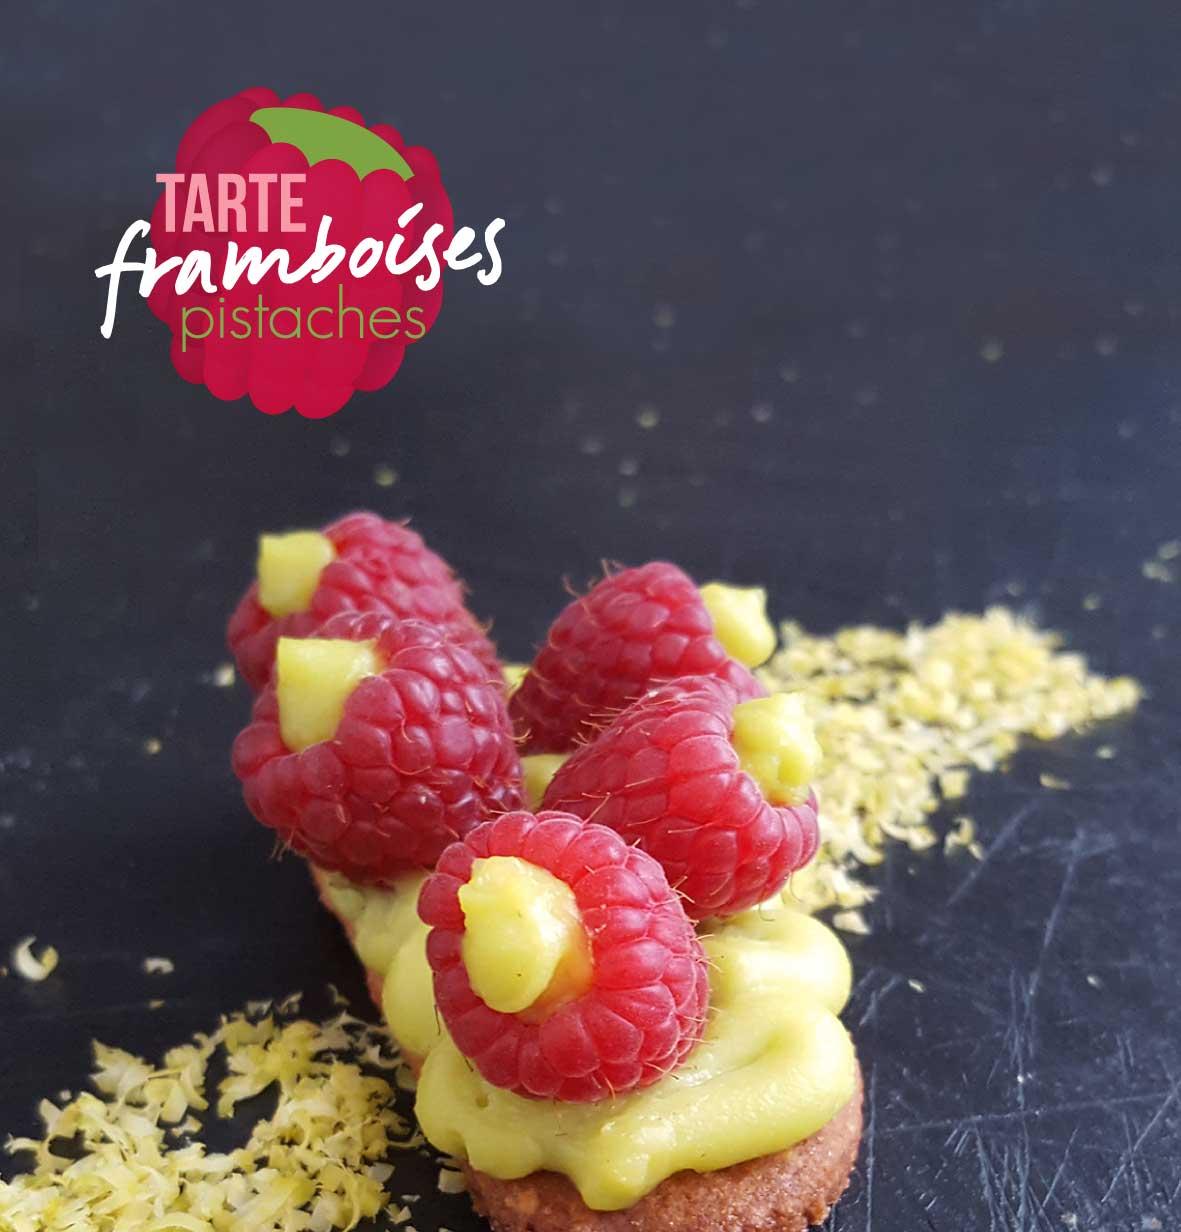 Le Chef en Box de juillet : tarte framboises-pistaches